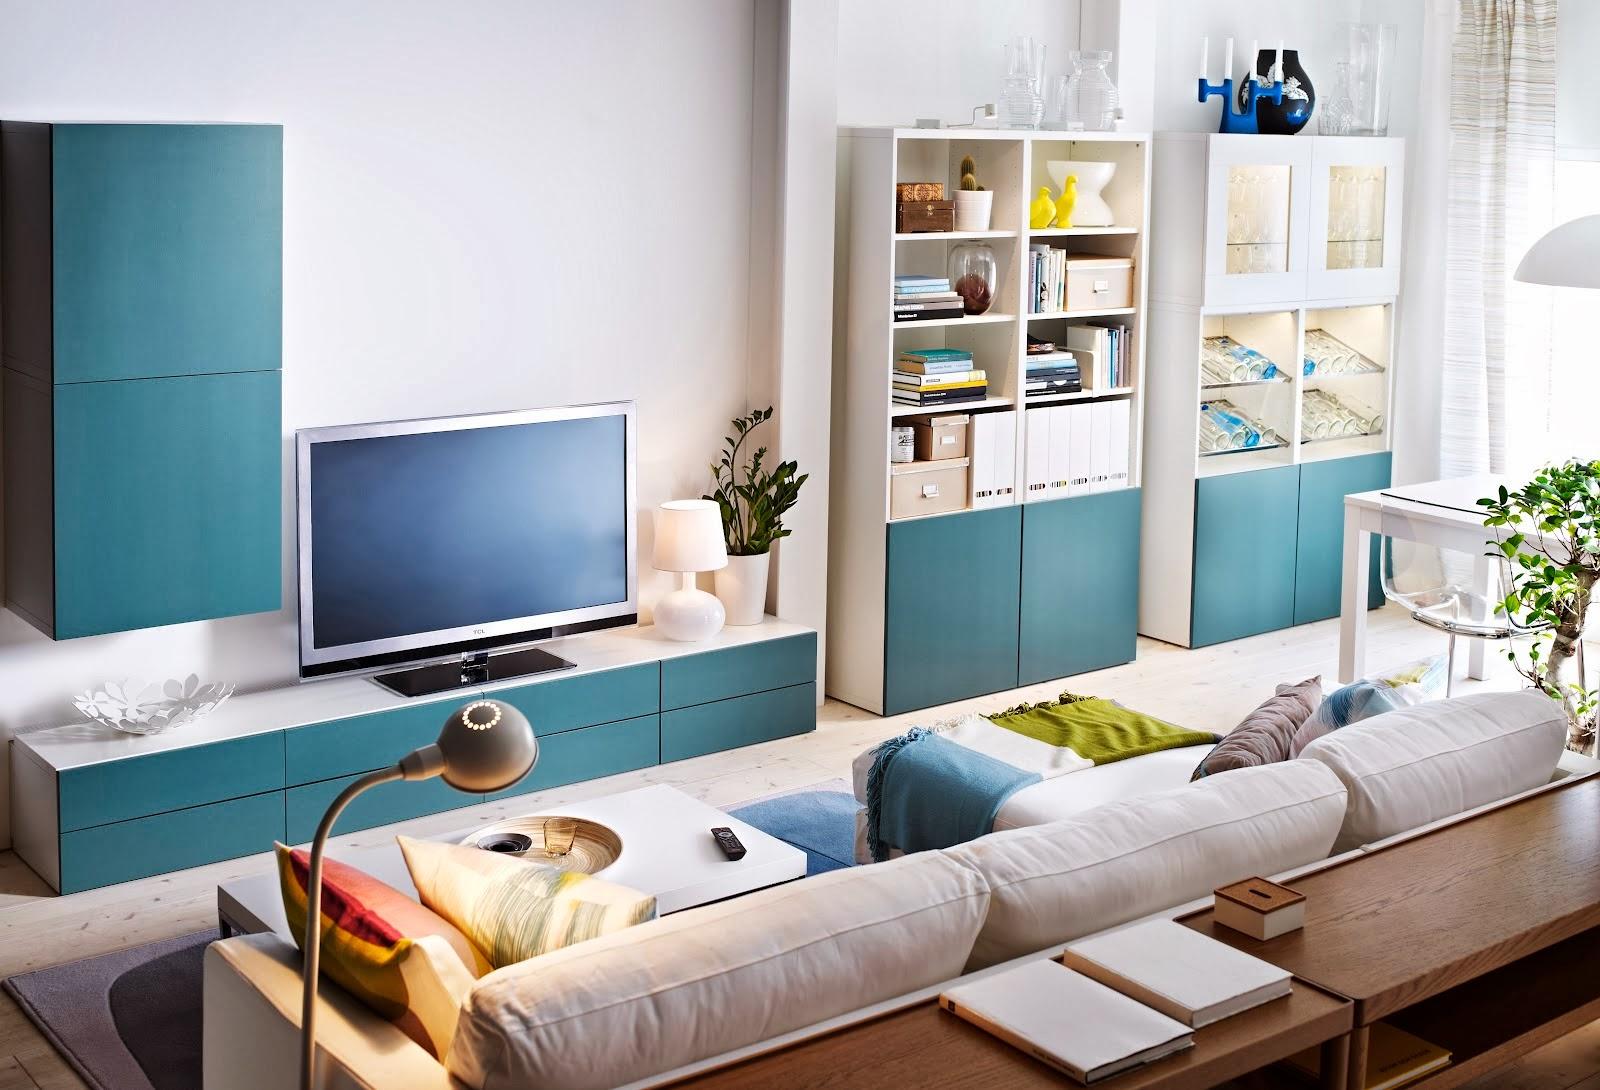 Hogar 10 decorar una casa con muebles de ikea for Decorar casa con muebles wengue